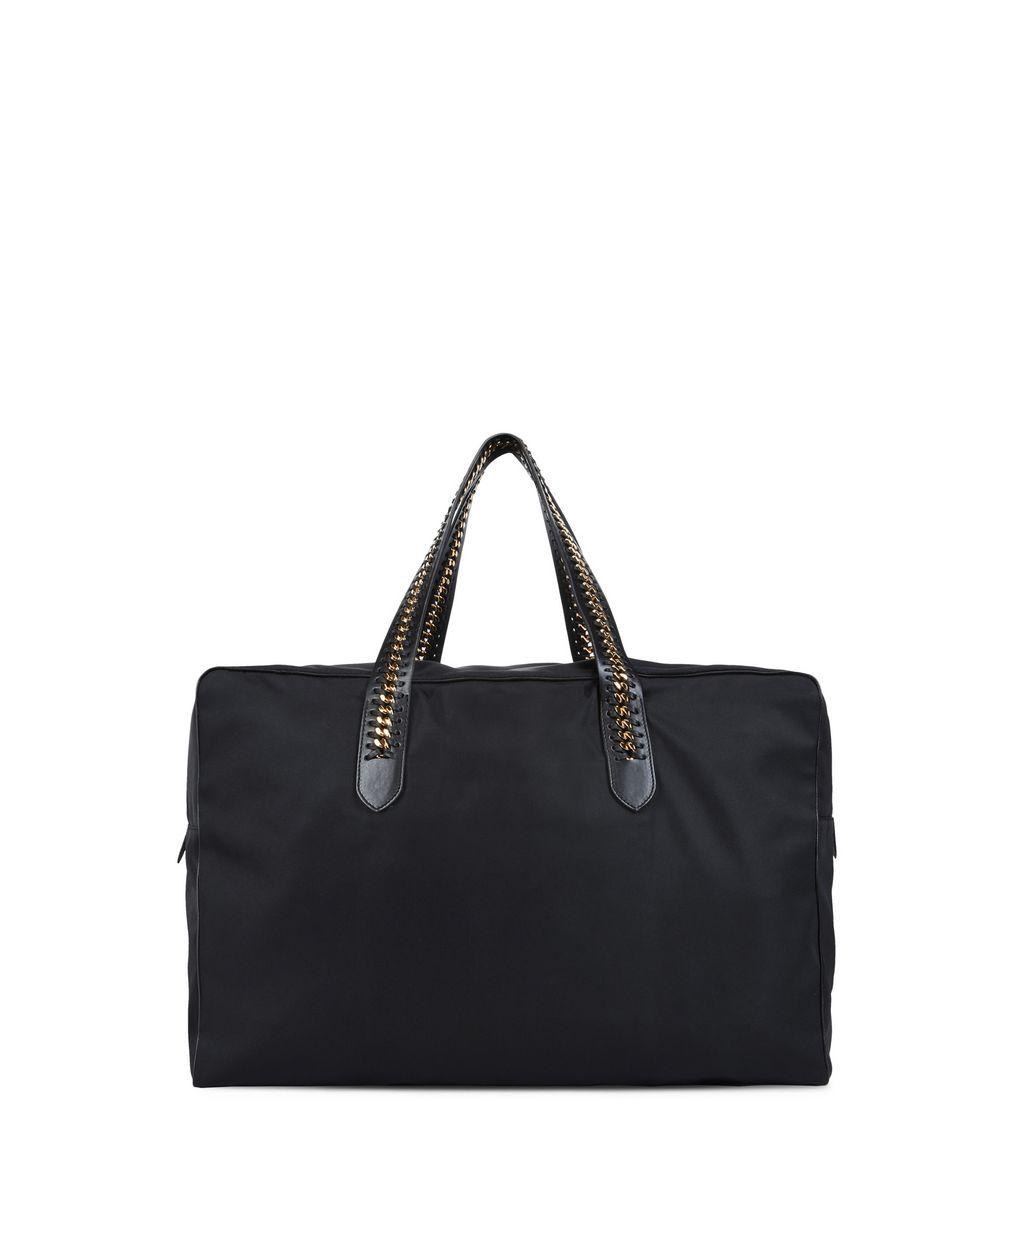 Black Falabella GO Travel Bag - STELLA MCCARTNEY